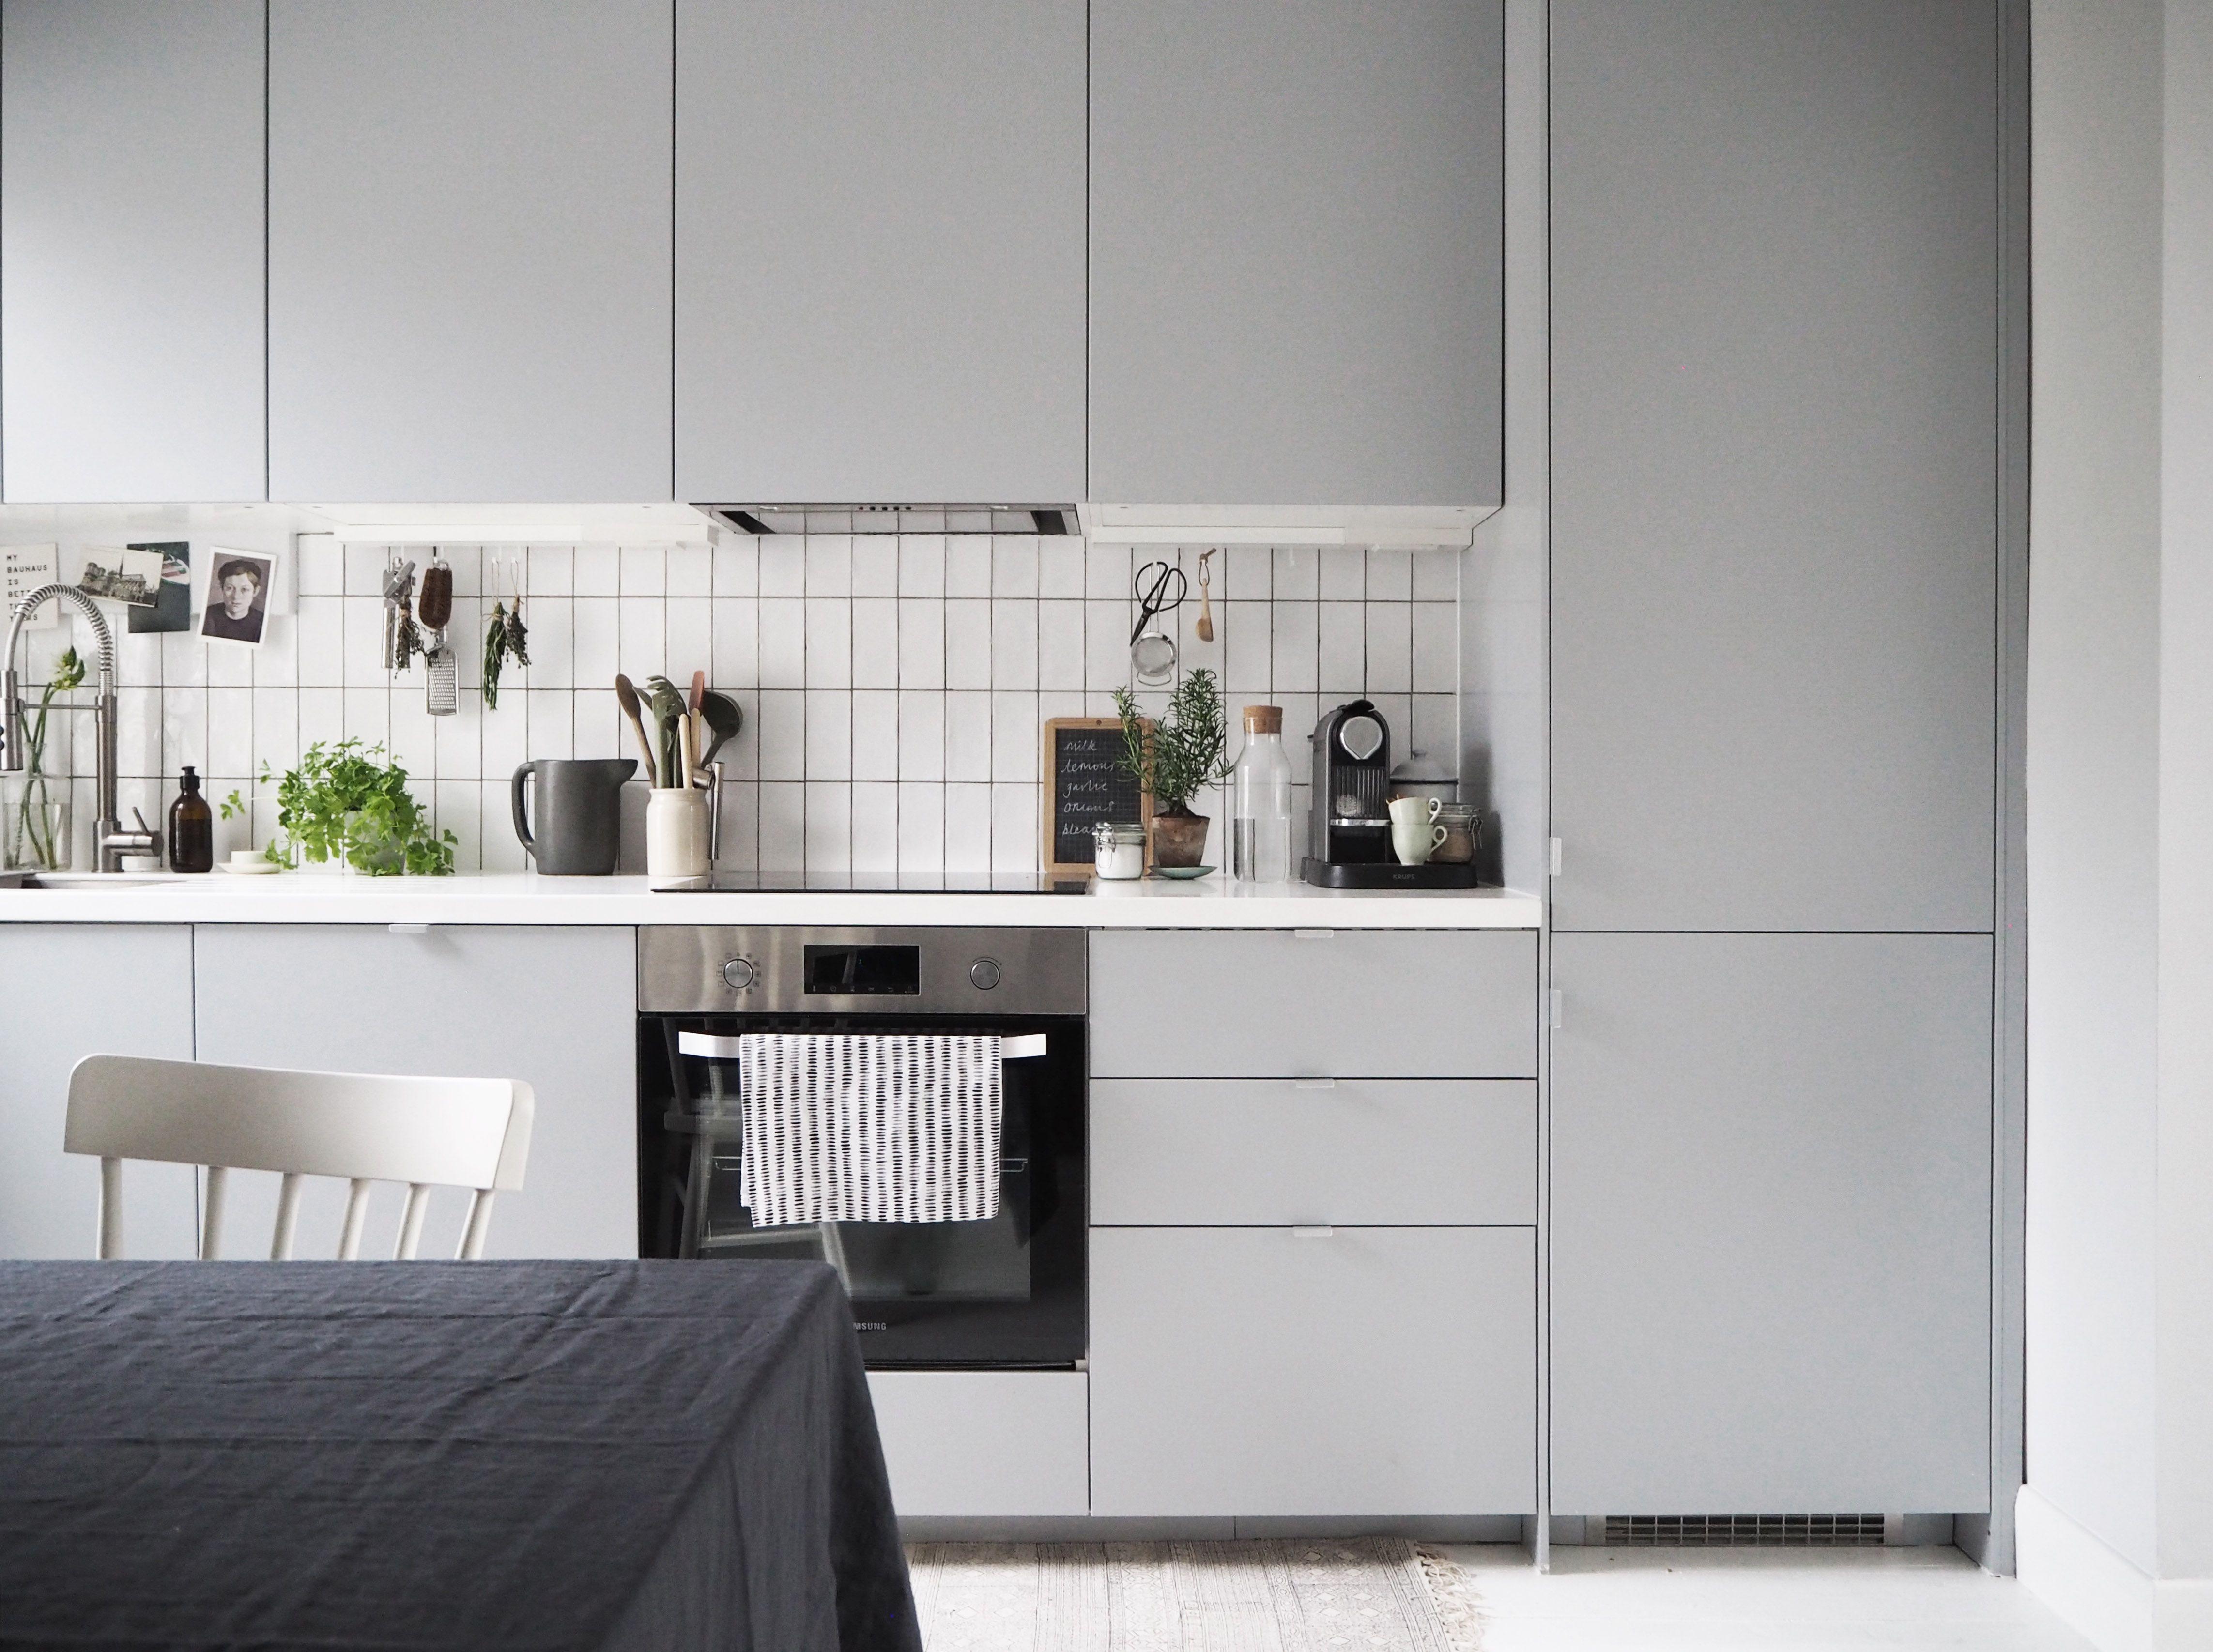 Best My Ikea Kitchen Makeover The Transformation Minimalist 400 x 300